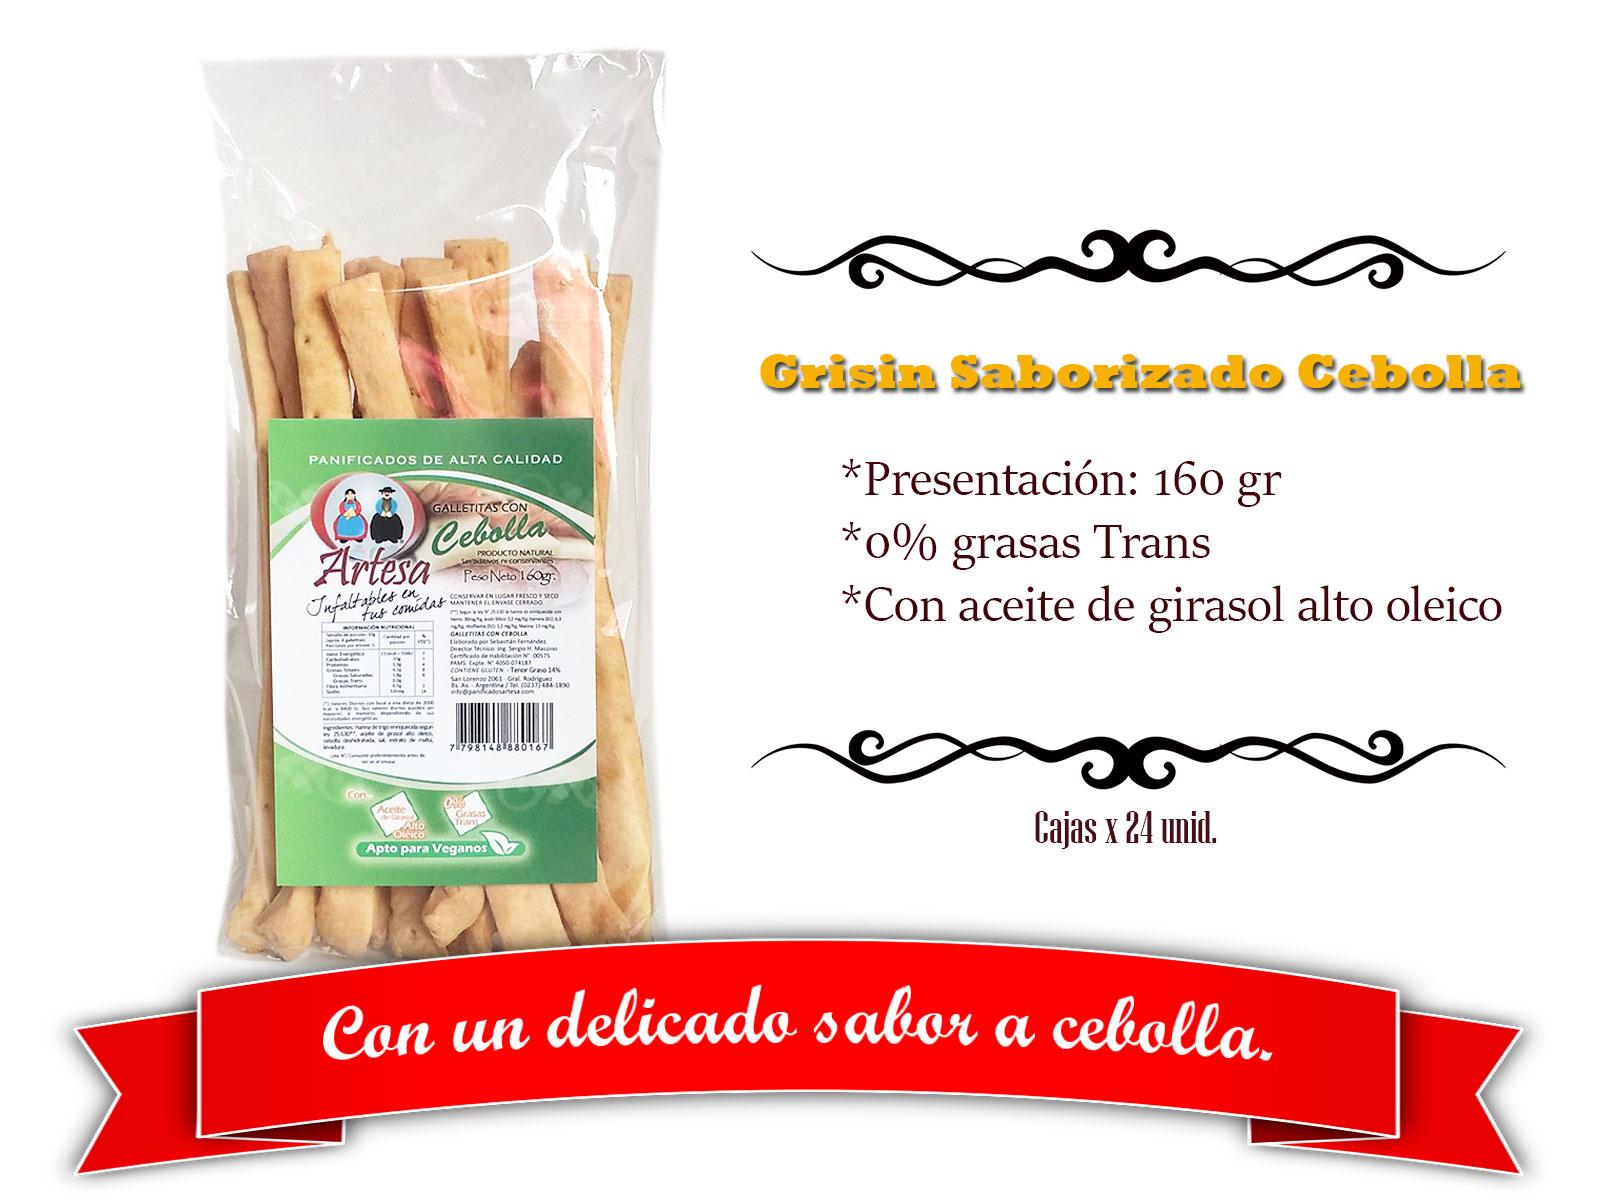 Grisin-saborizado-cebolla